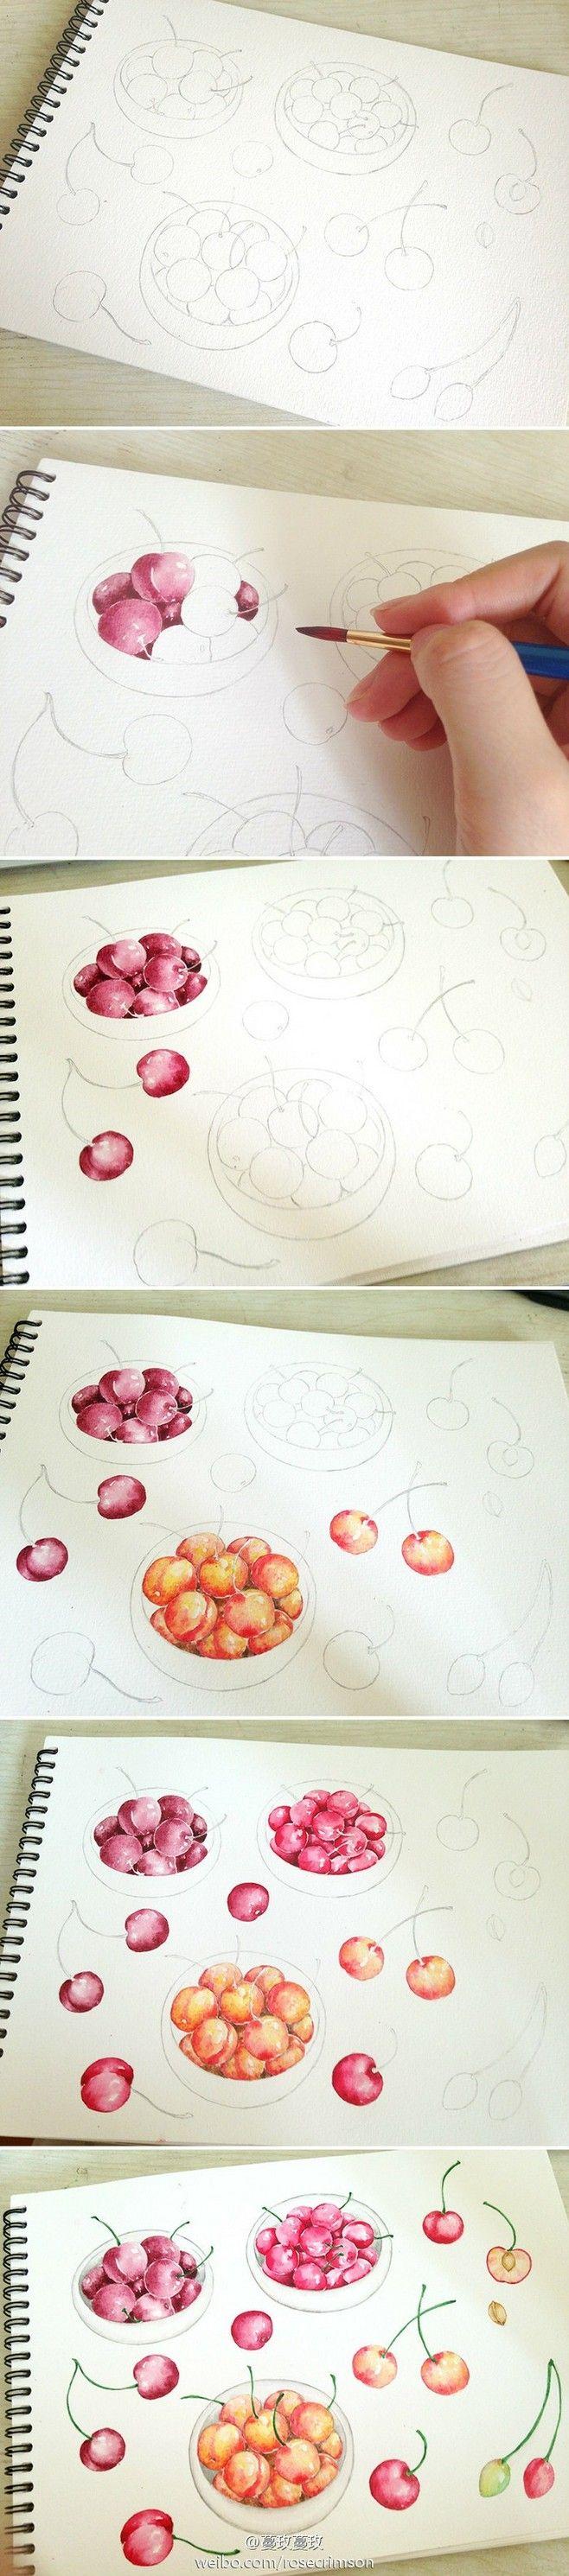 樱桃。算是水彩教程吗。。。@没有不高兴的没头脑采集到我们一起来画画吧~(368图)_花瓣插画/漫画